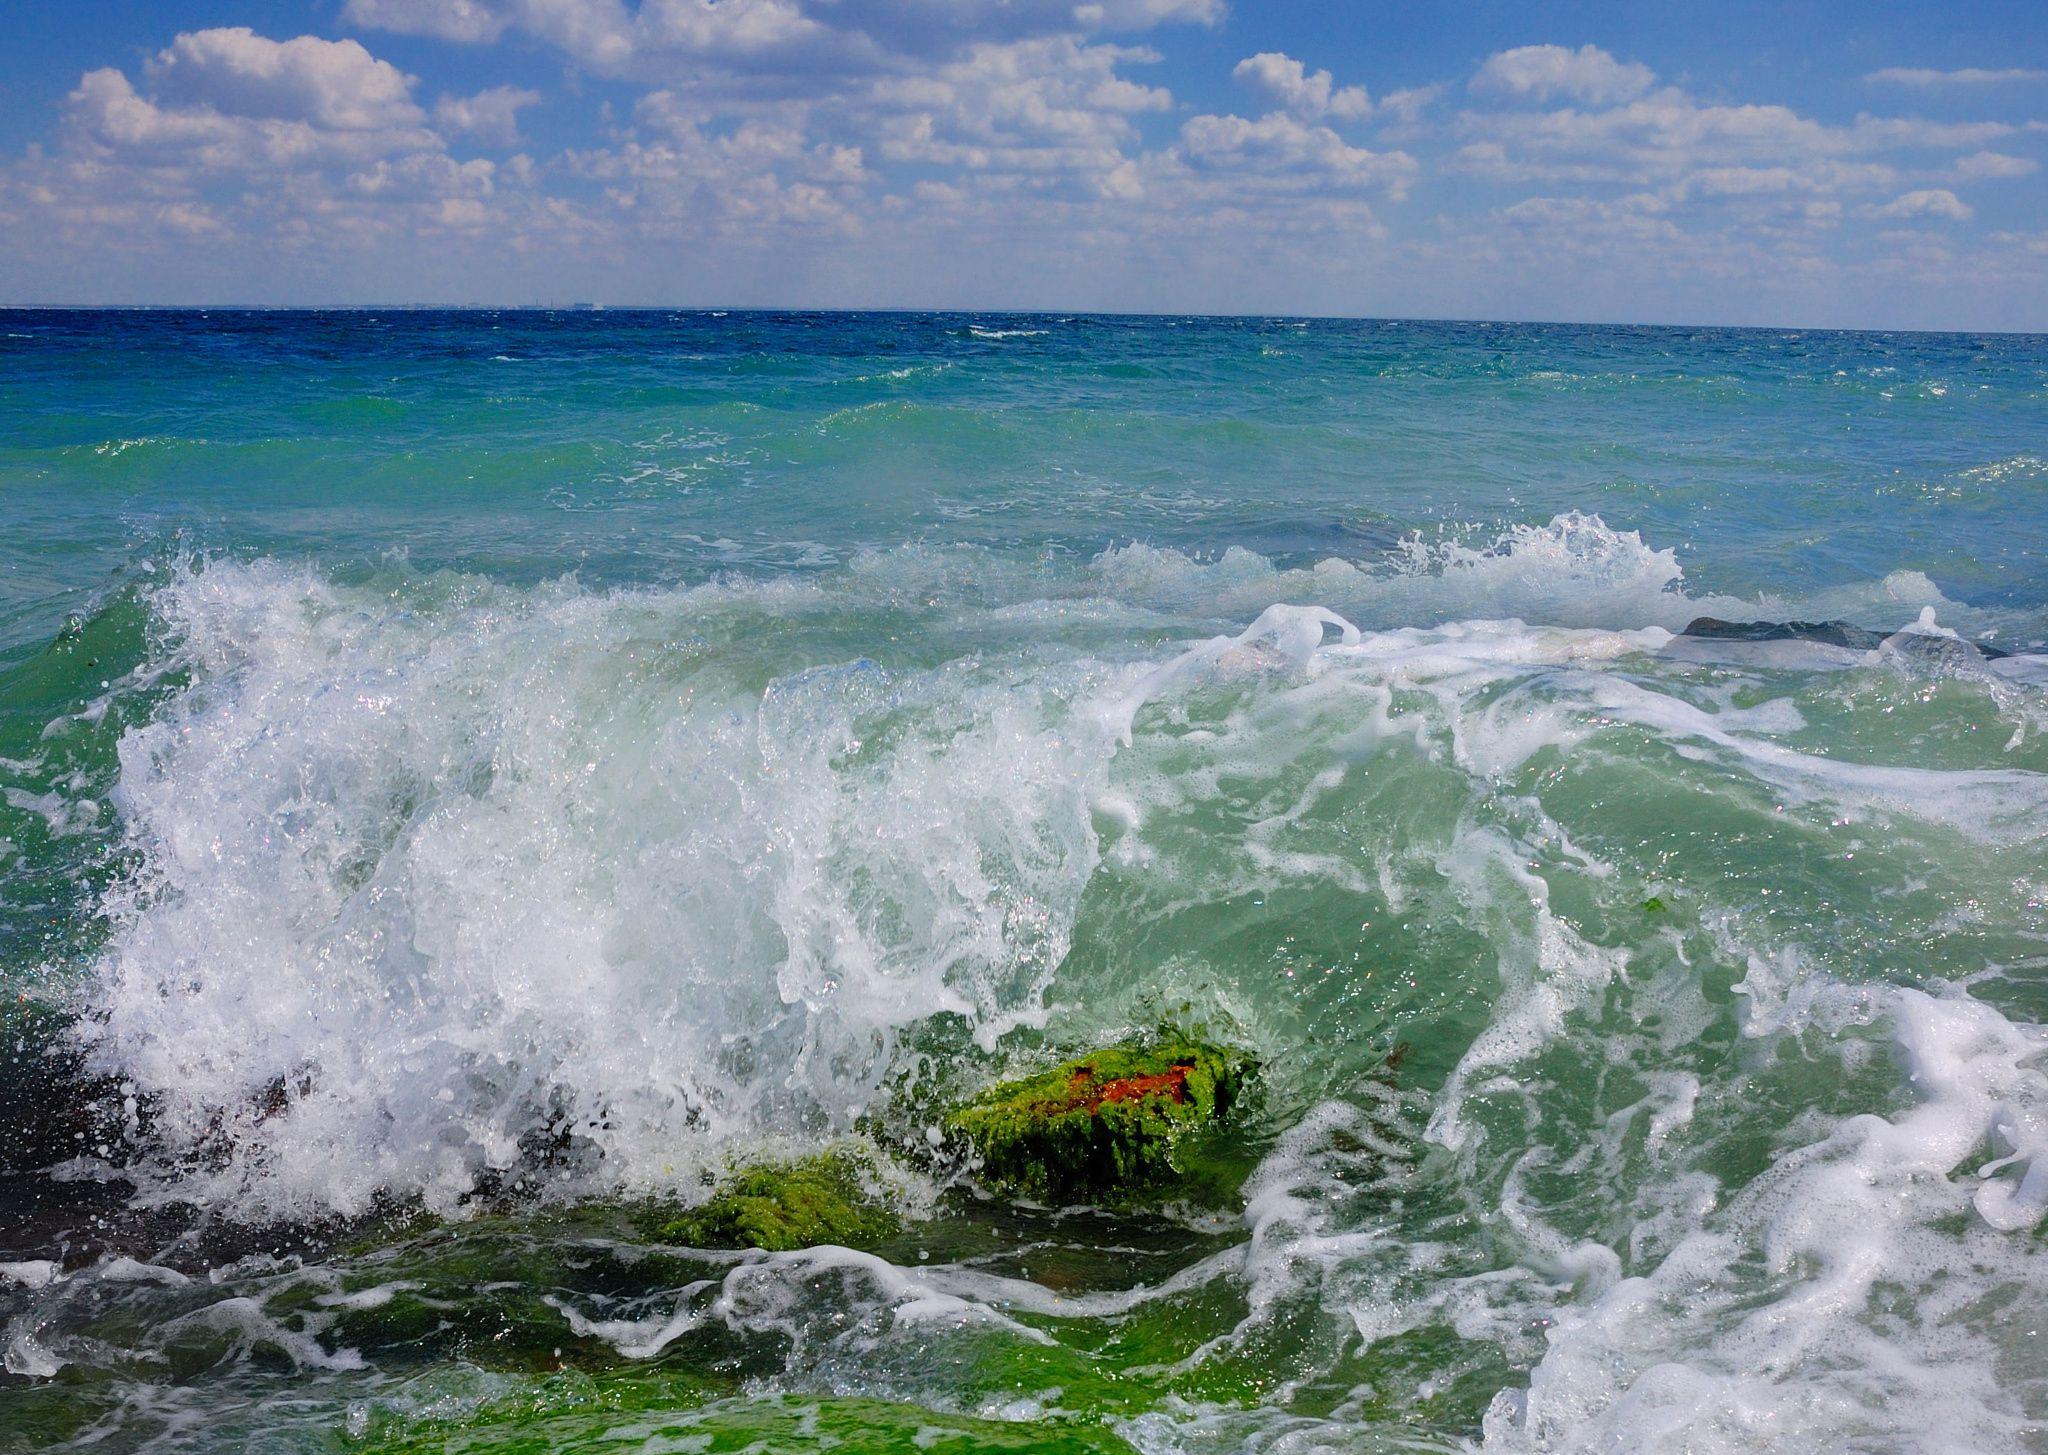 общие картинки прибоя волн лидирует